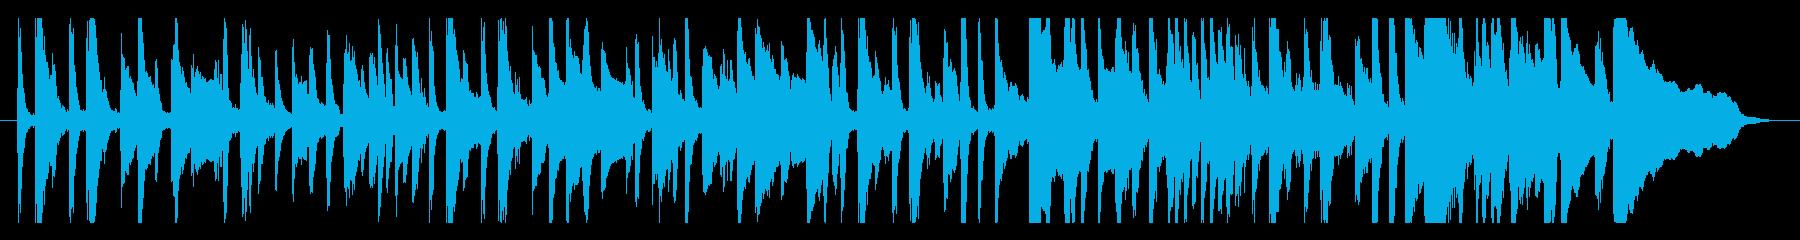 古風で儚げなピアノソロの再生済みの波形